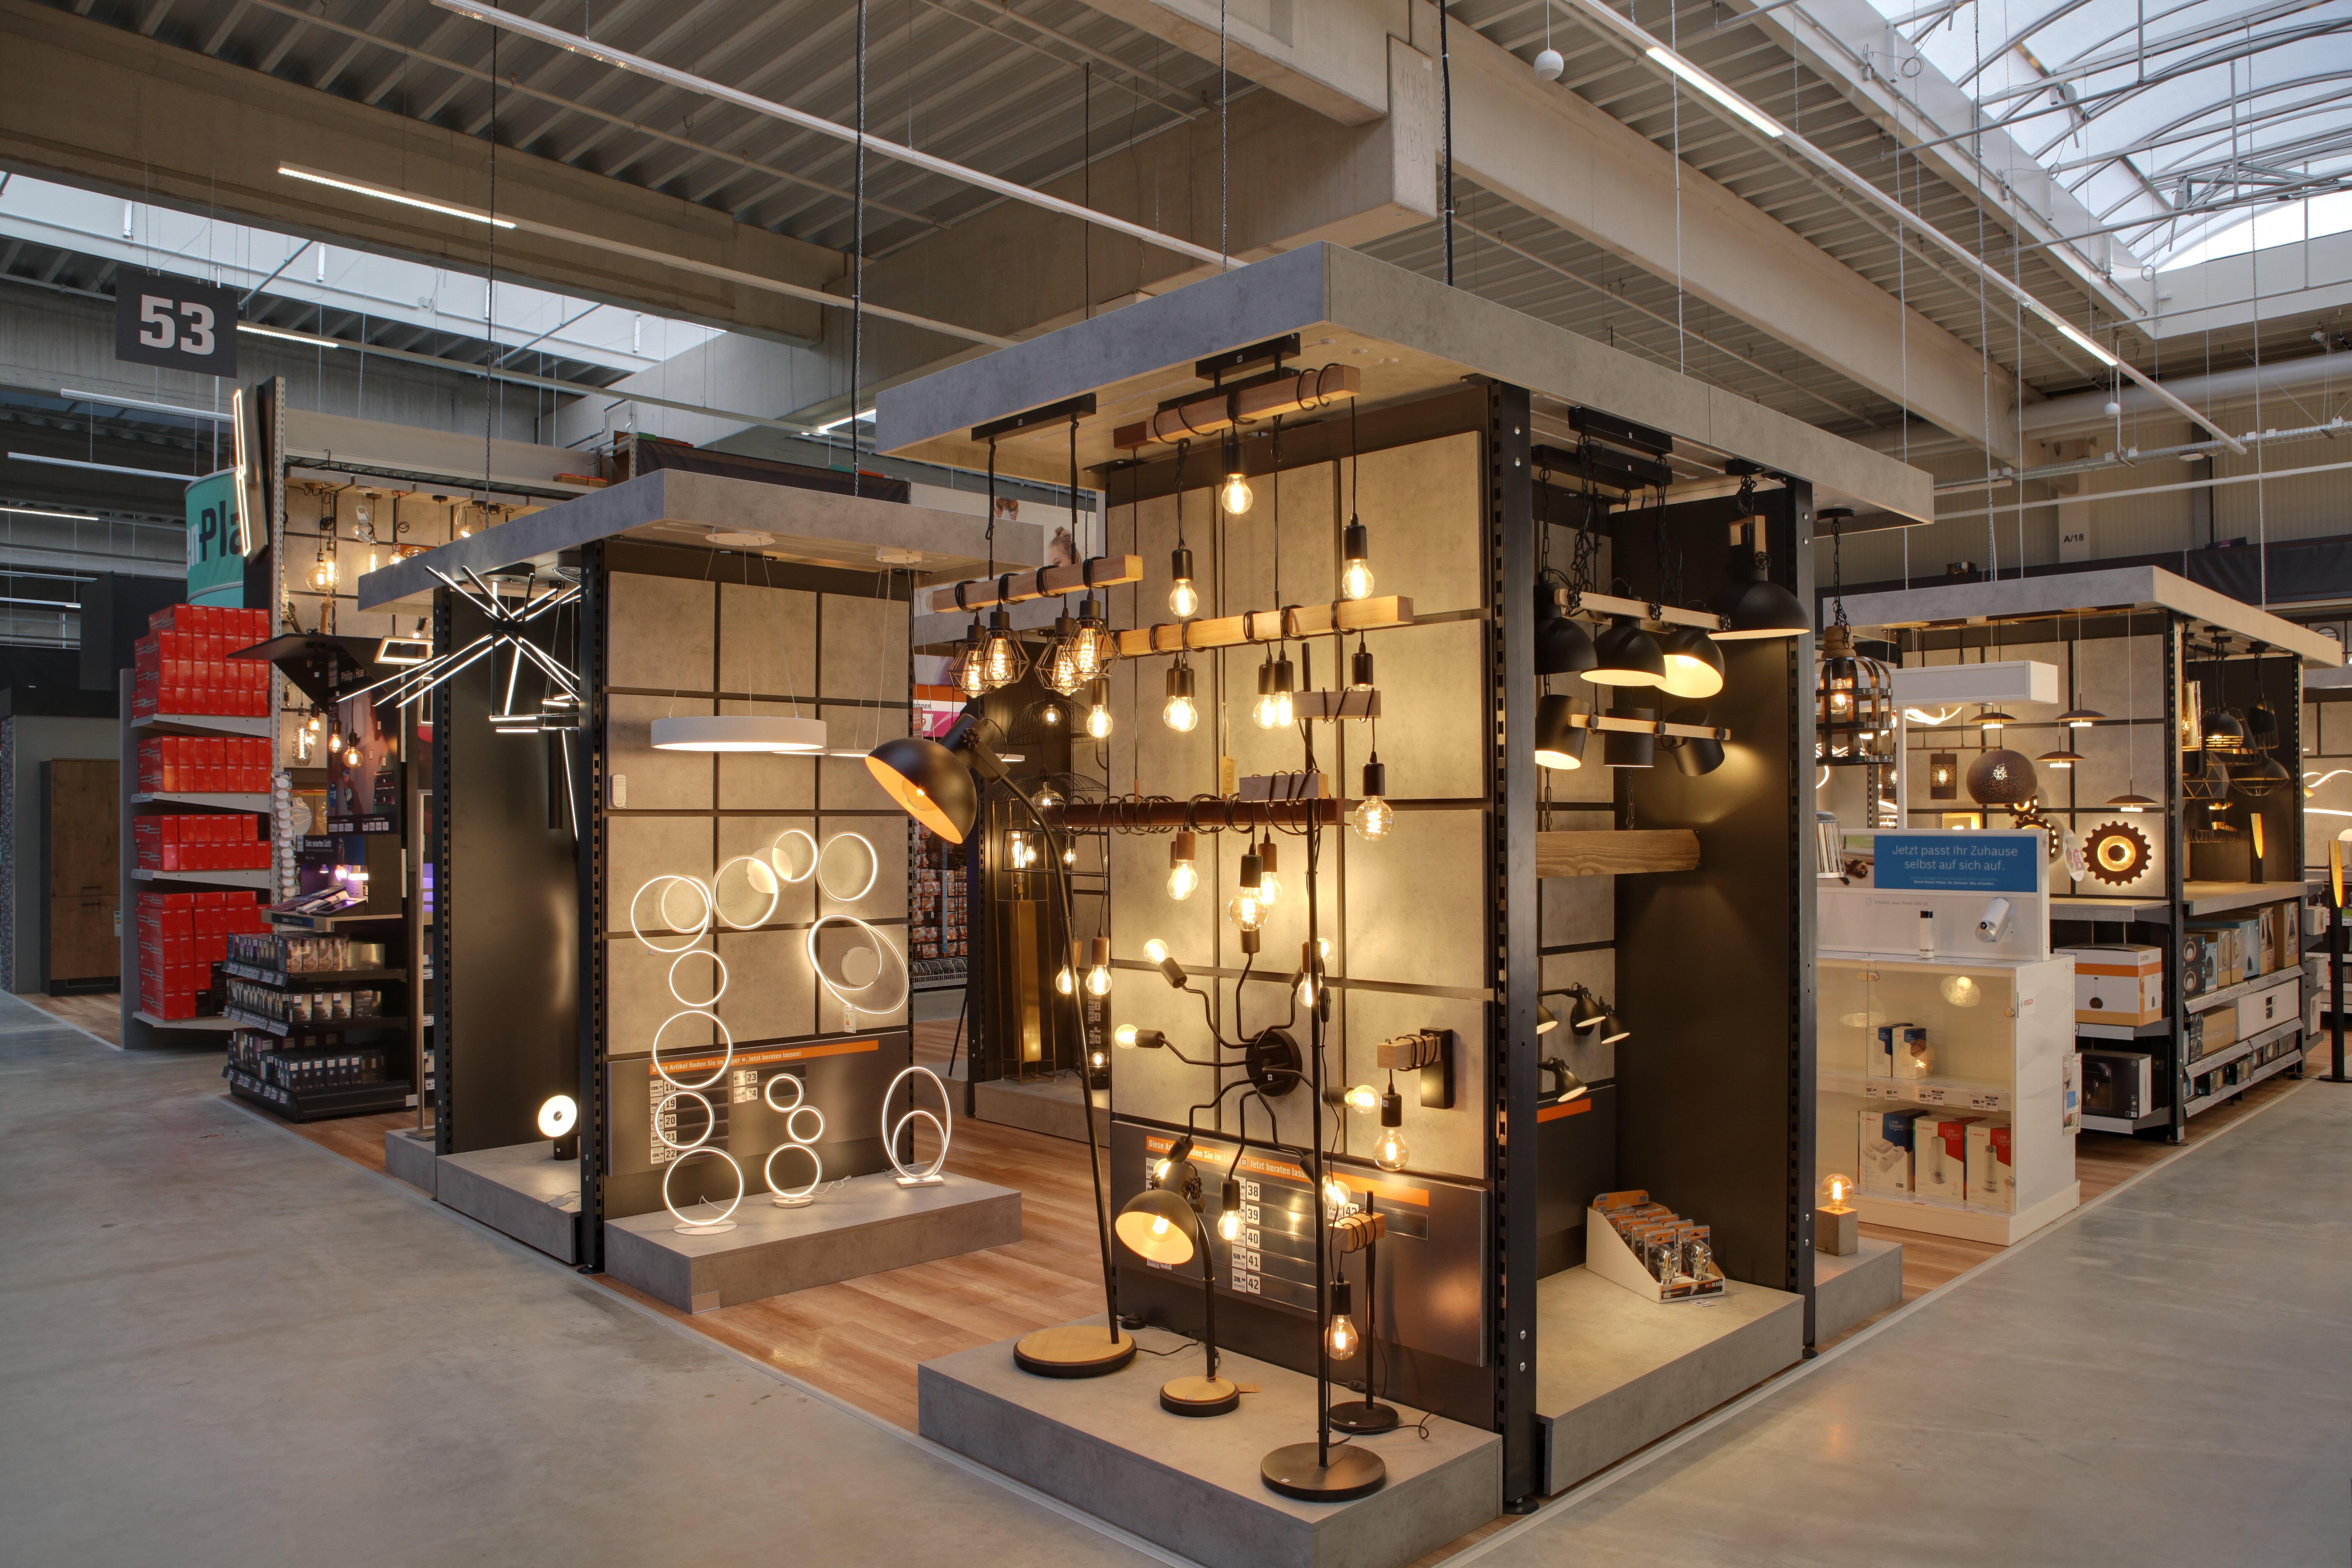 OBI Lampen und Leuchtenstudio Göttingen